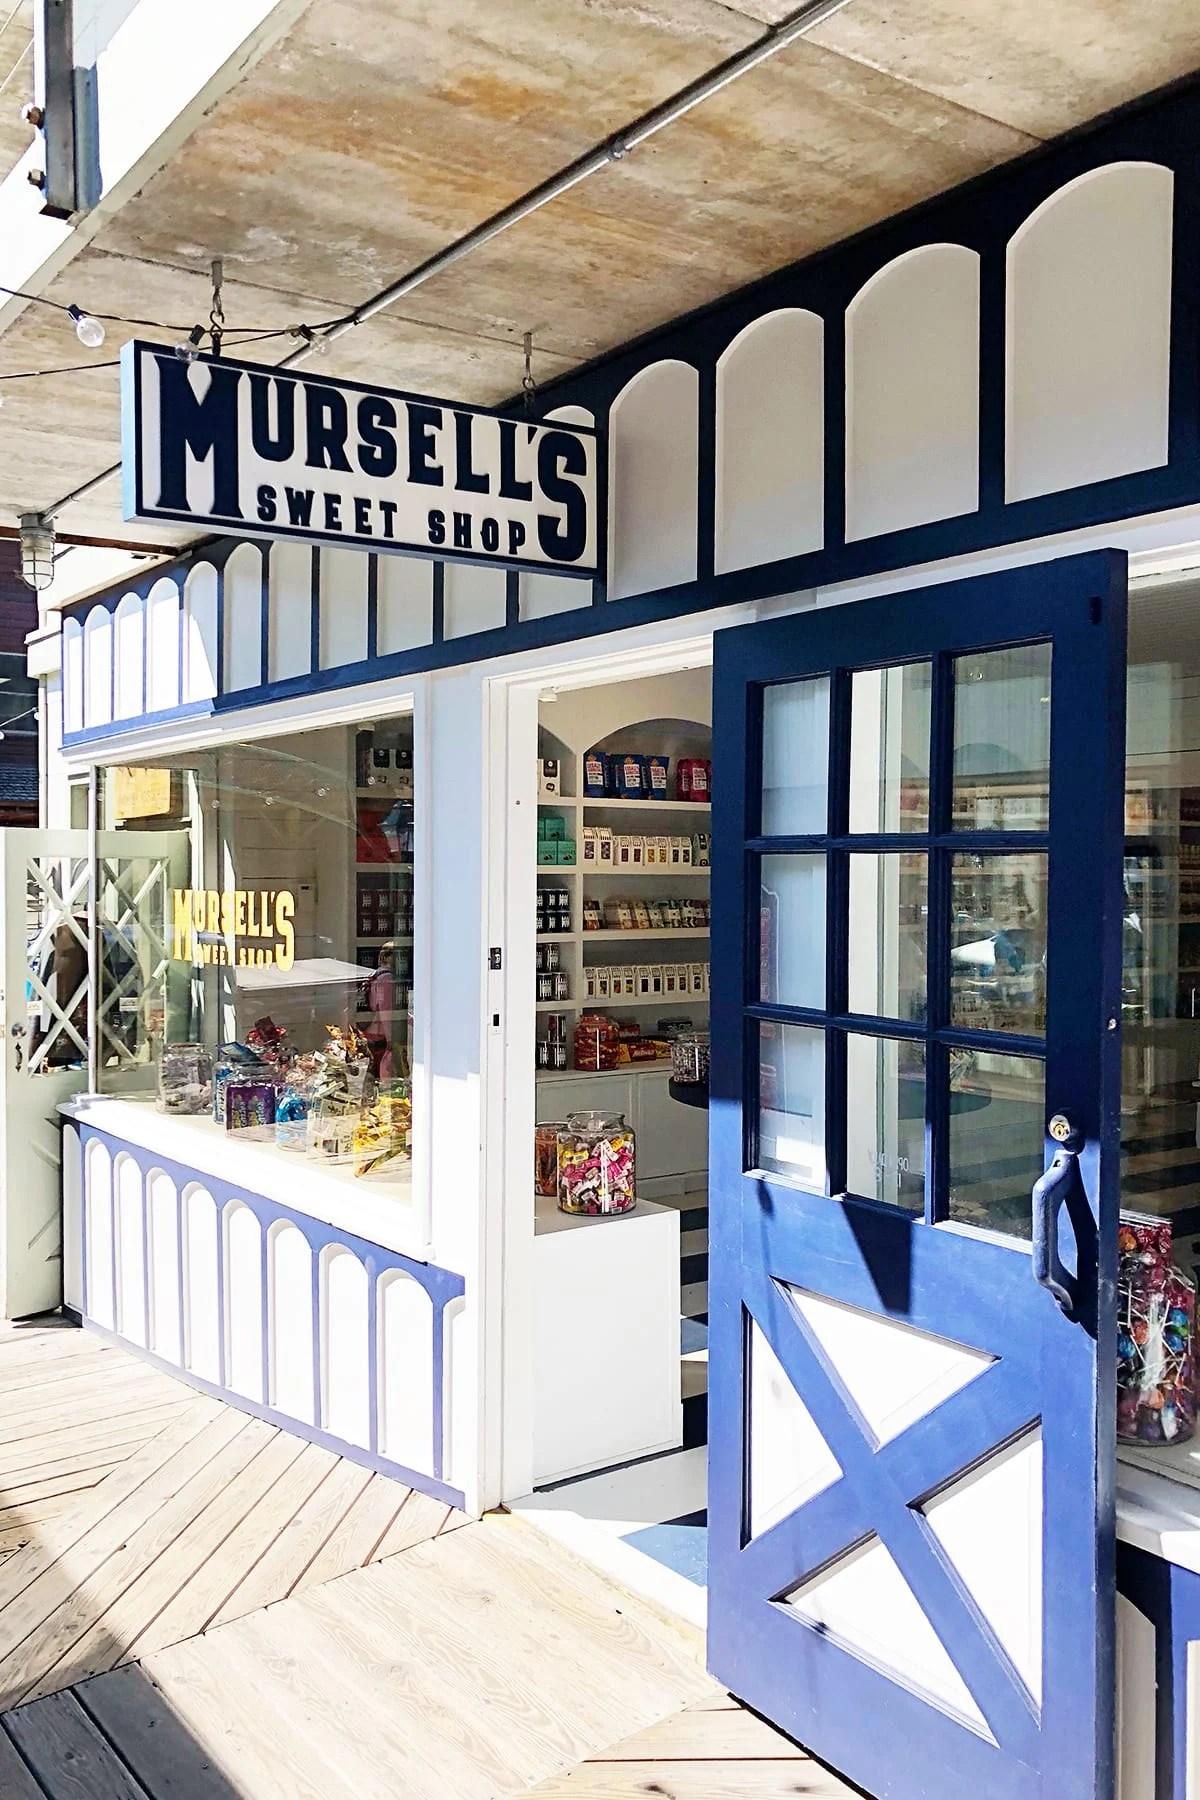 Mursells sweet shop jackson hole WY